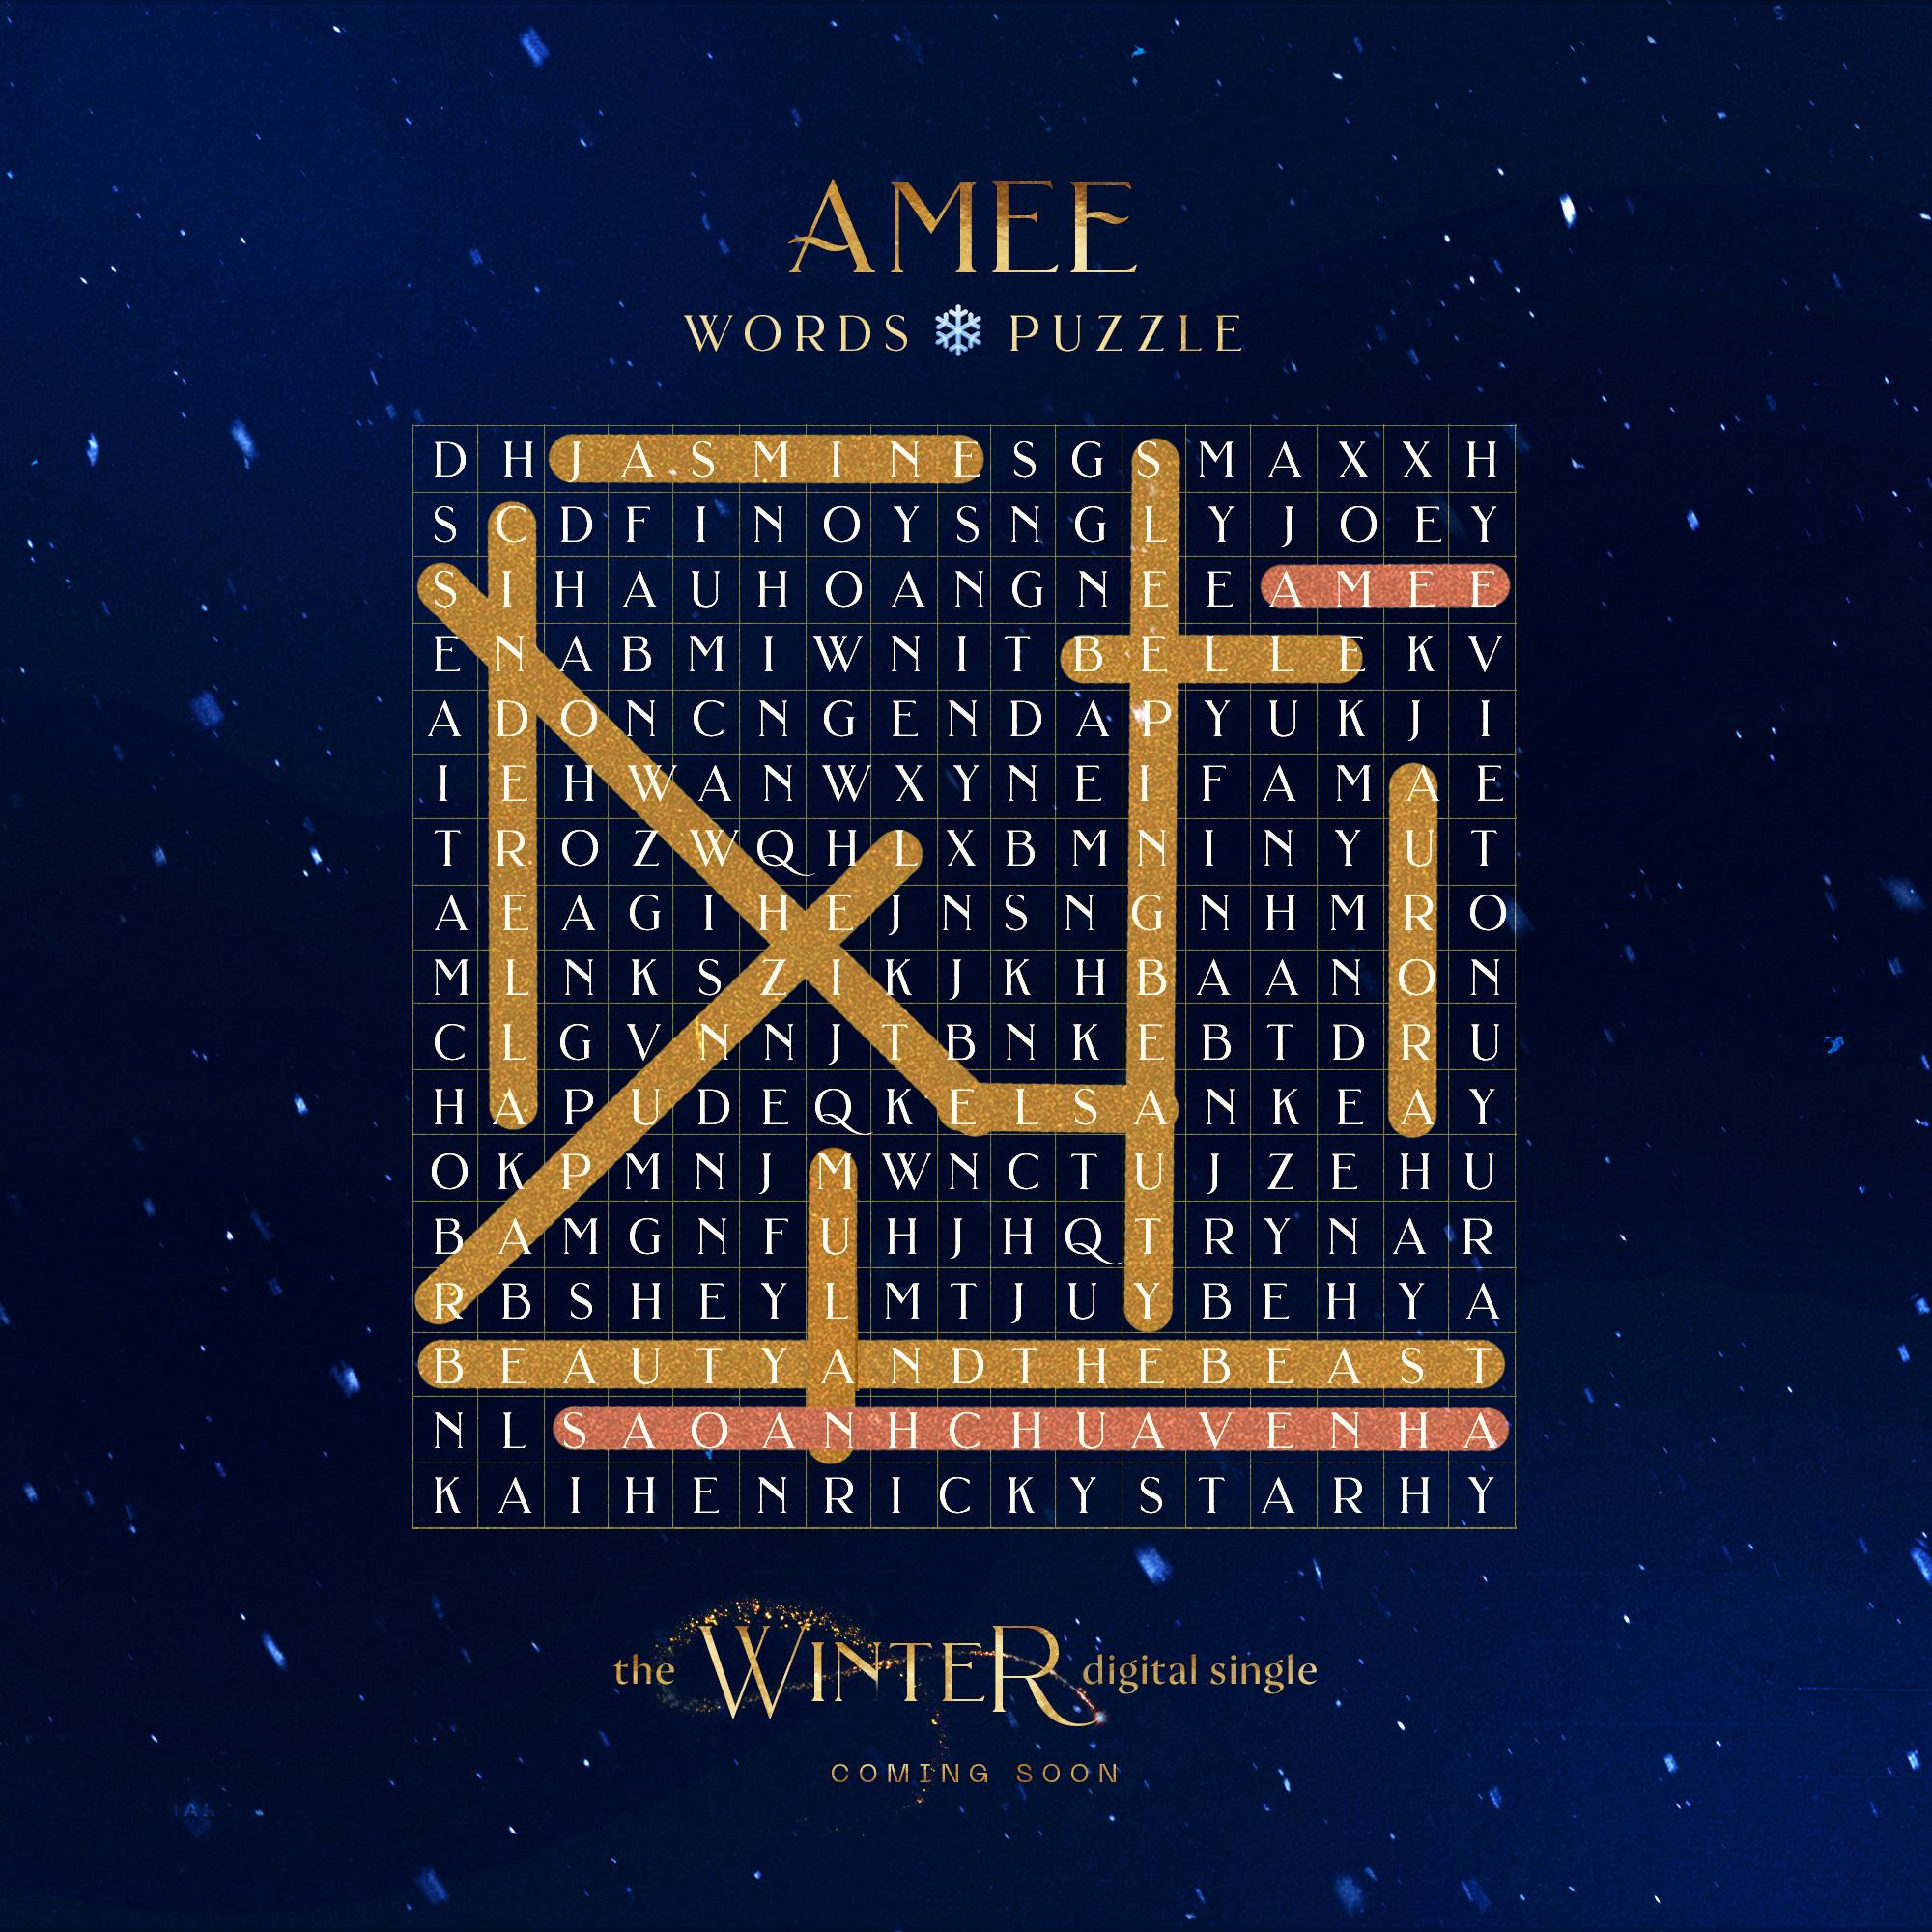 AMEE cầm táo tưởng hoá Bạch Tuyết nhưng lại là công chúa Disney, kết hợp Hậu Hoàng chuẩn bị công phá Vpop bằng liên hoàn sản phẩm - Ảnh 3.